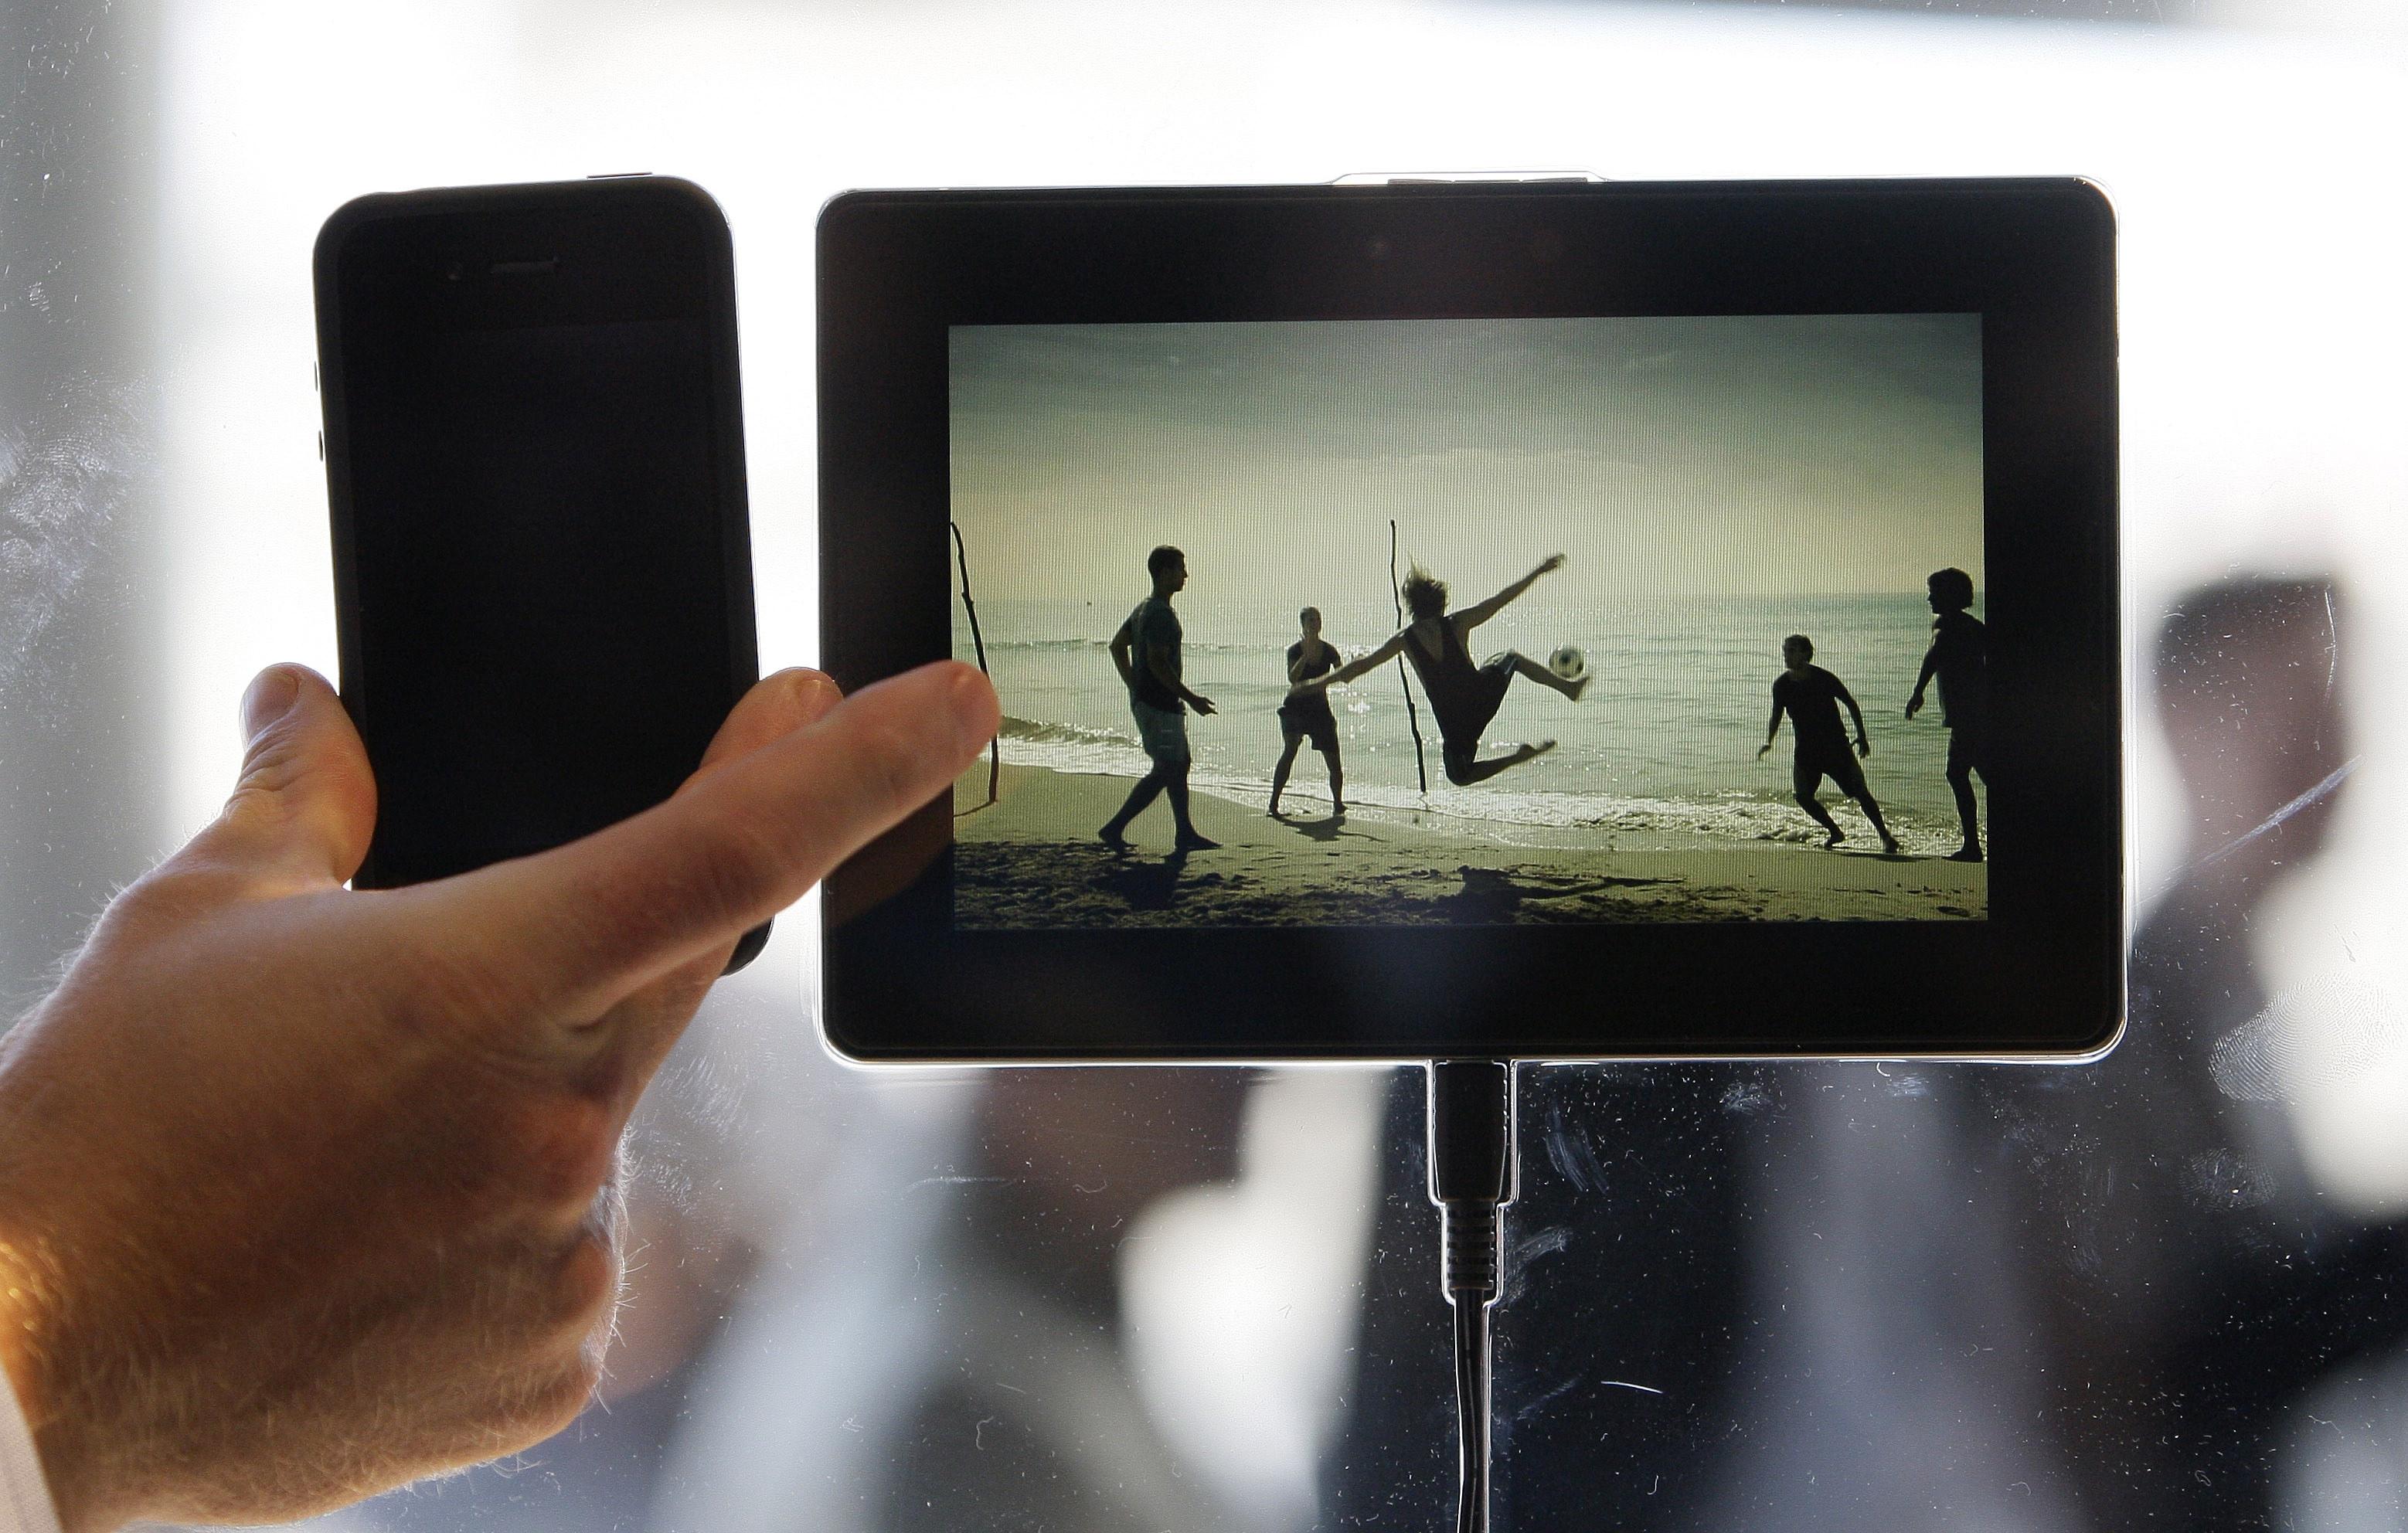 La 'tablet' de BlackBerry PlayBook saldrá a la venta en el 2011 y costará menos que el iPad